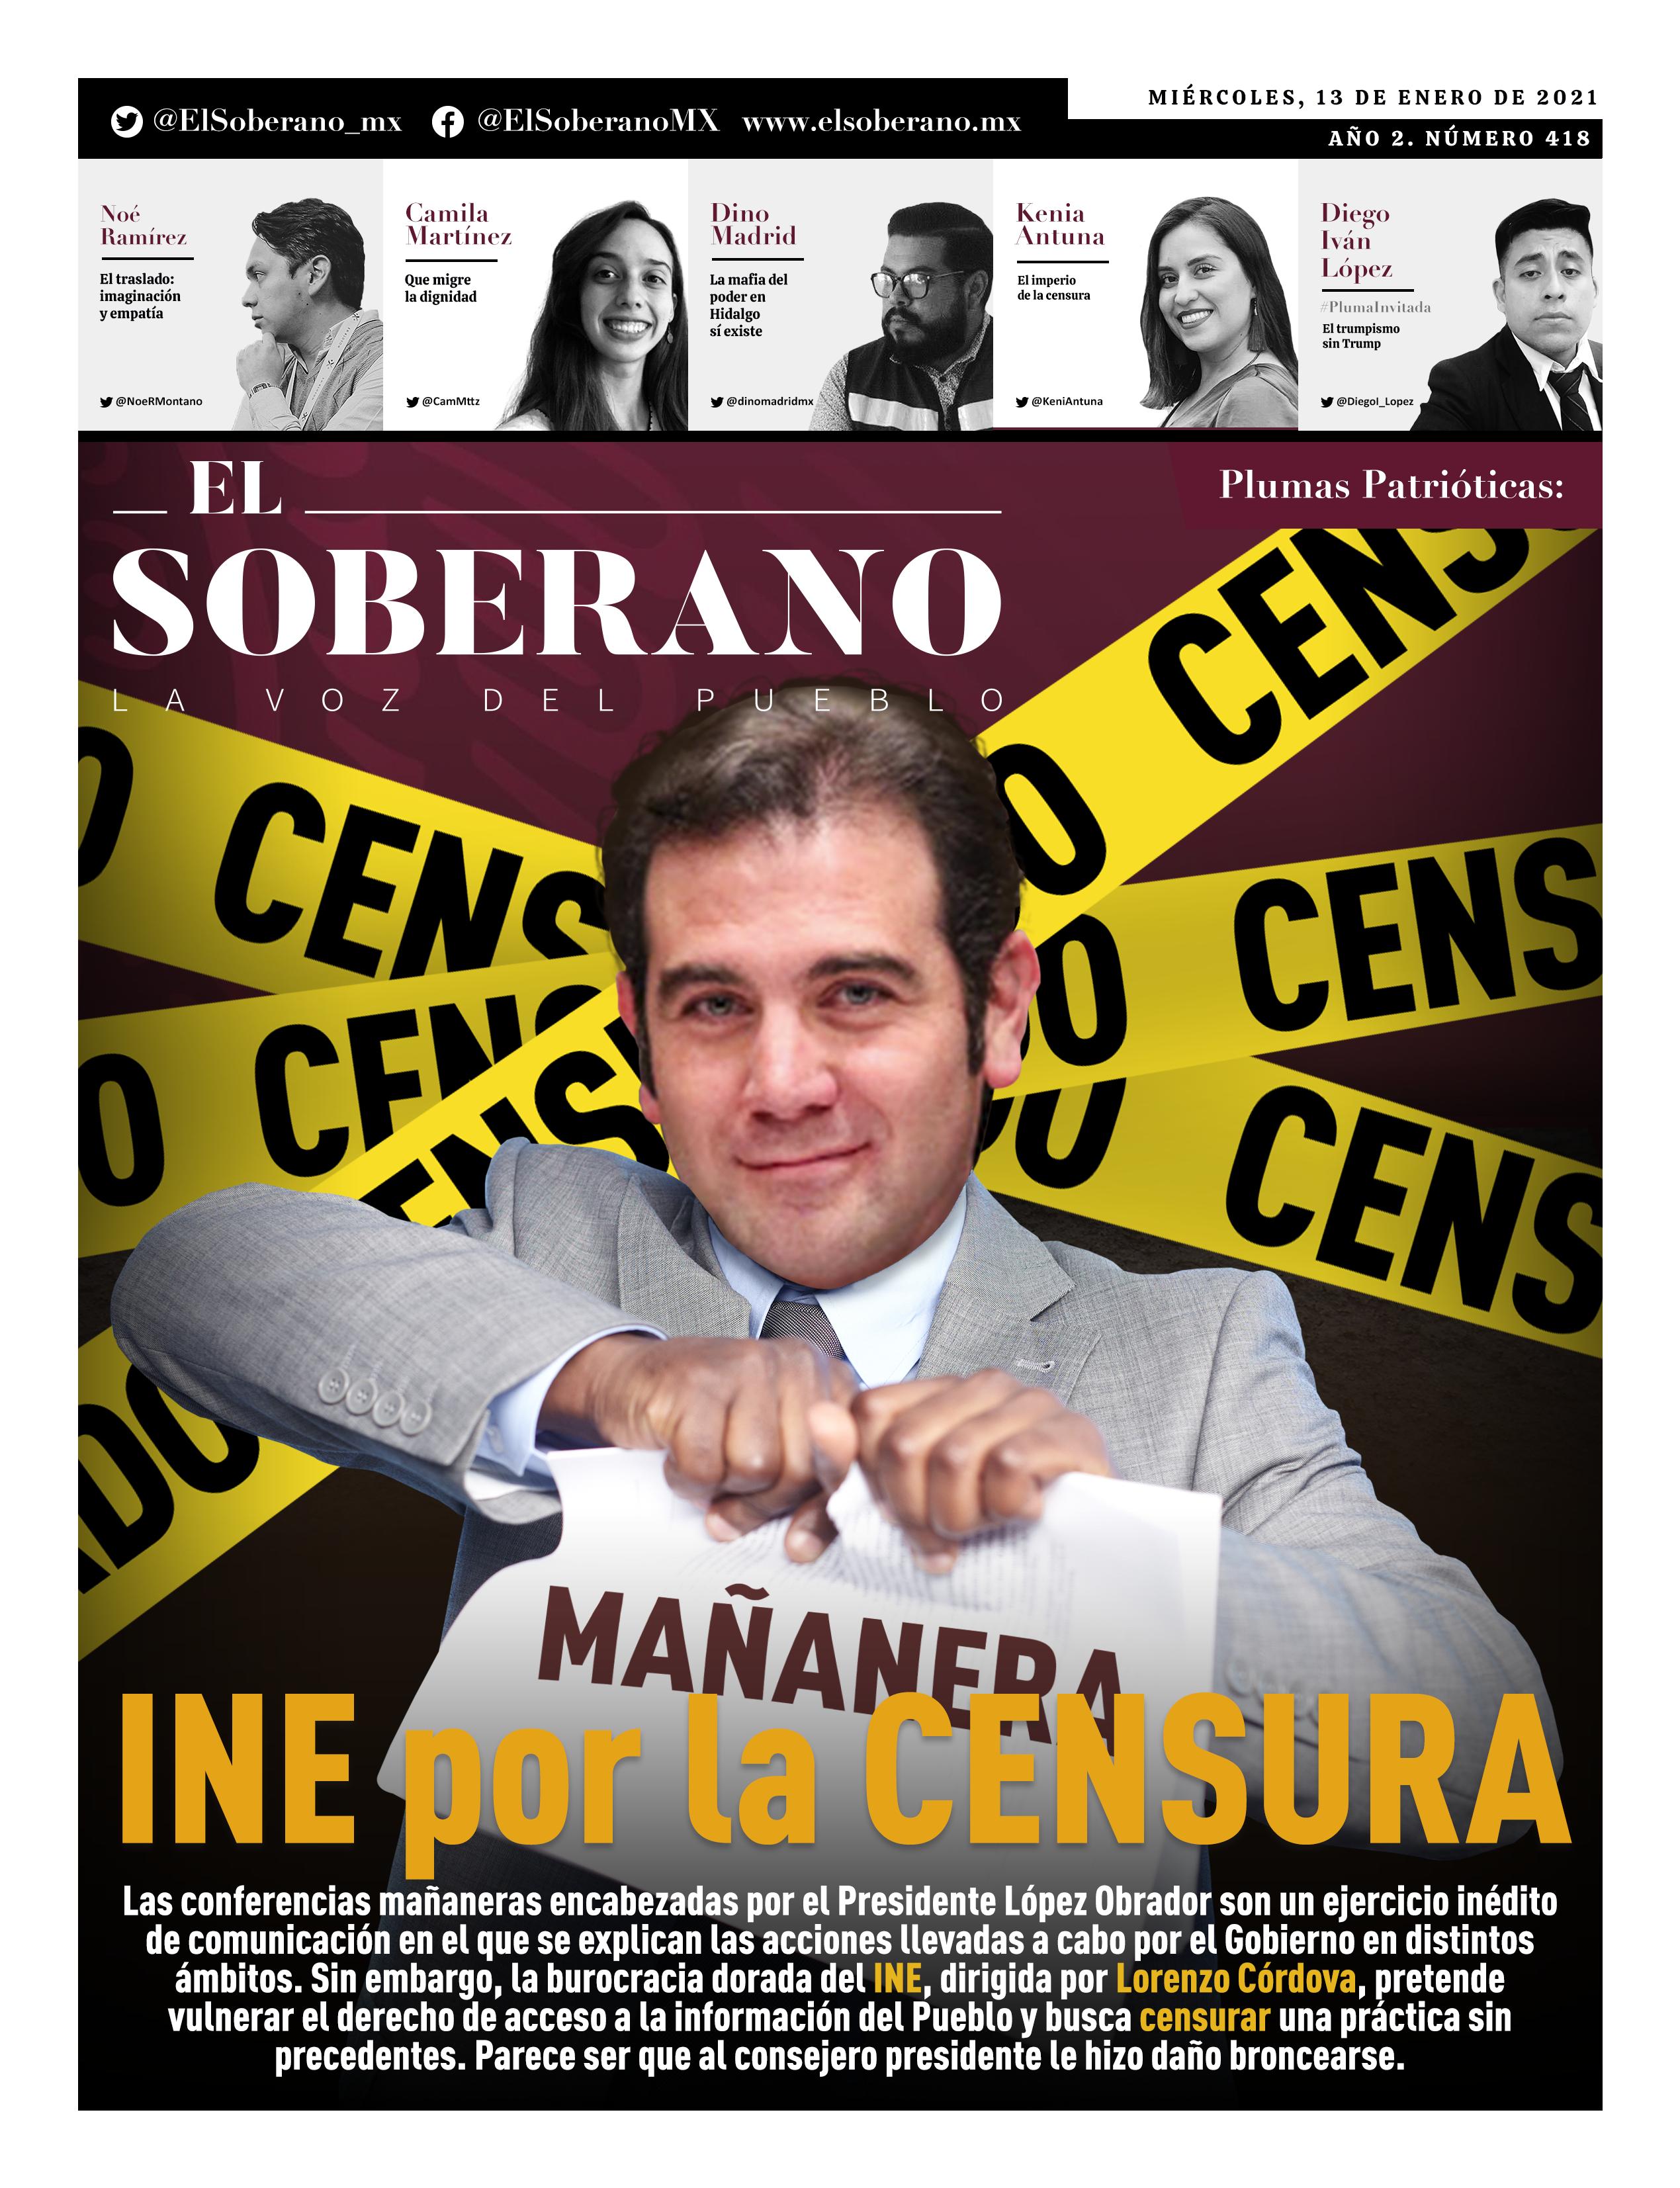 INE por la censura